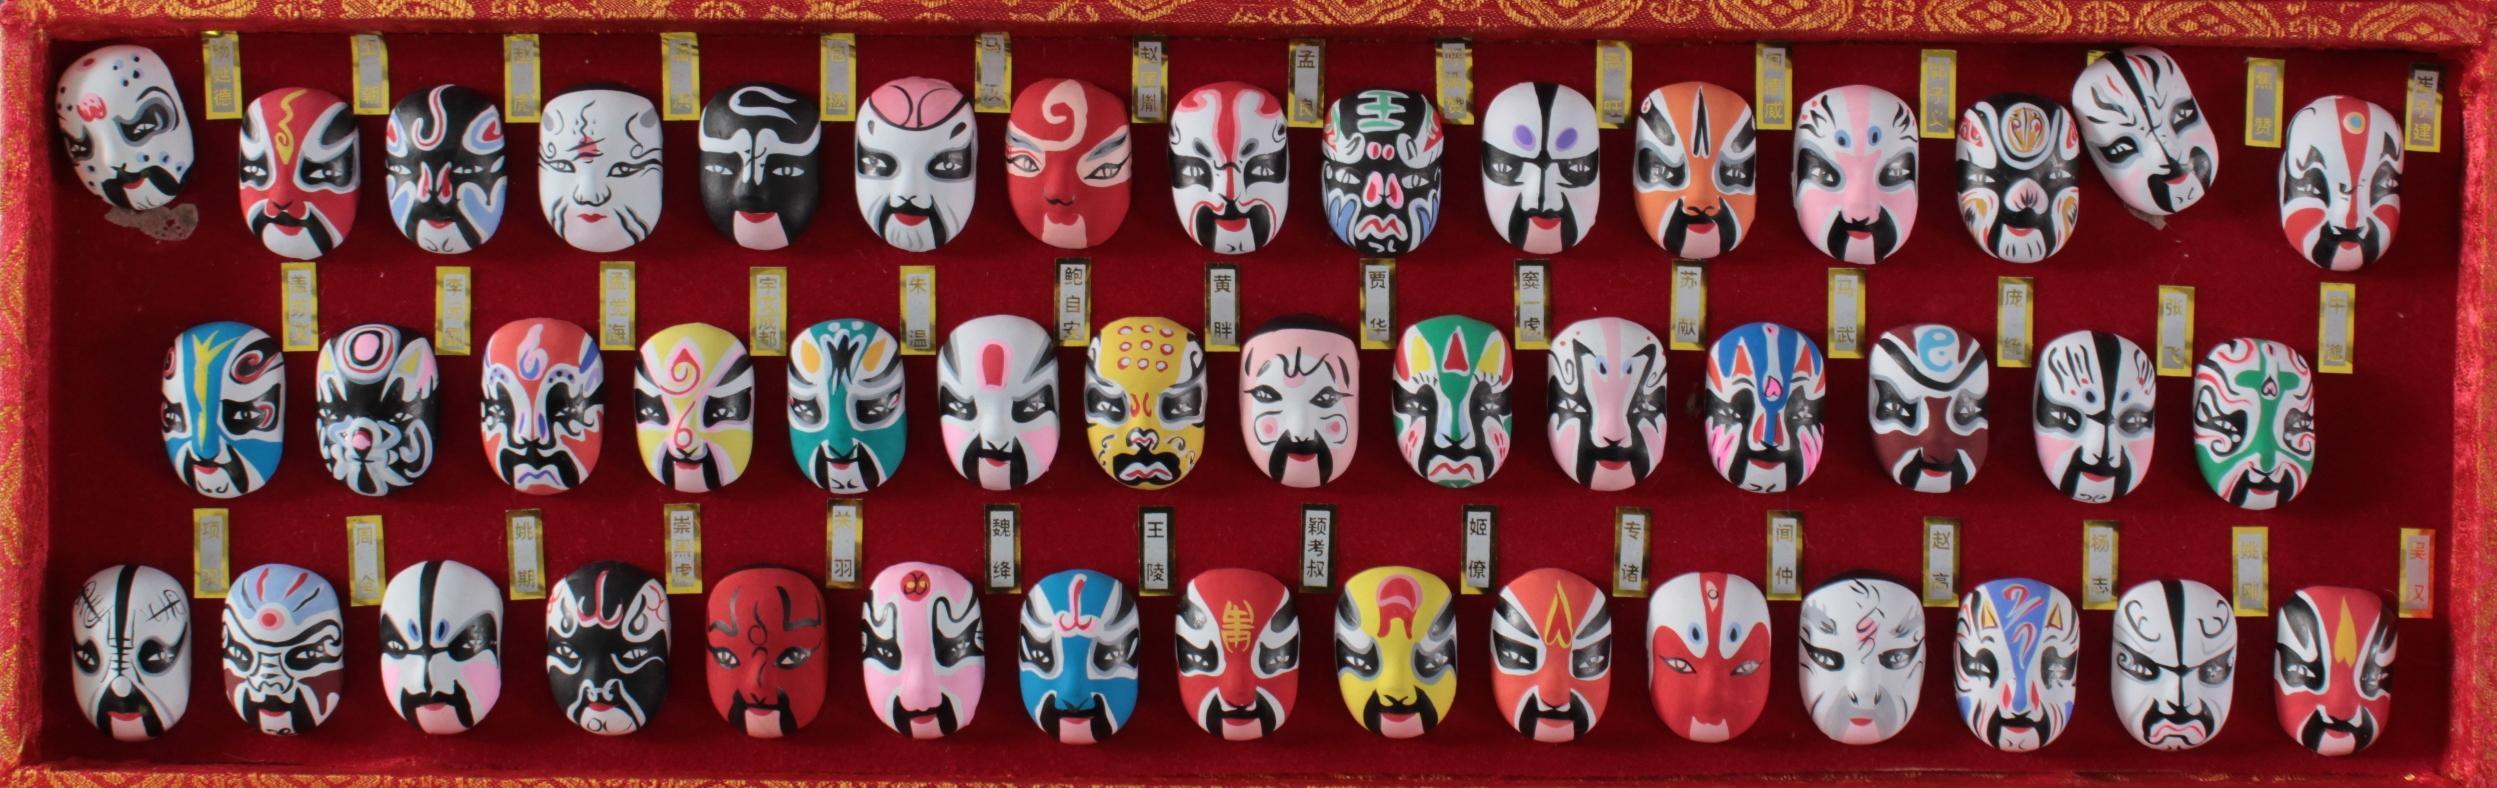 Traditionelle chinesische Miniaturmasken-3